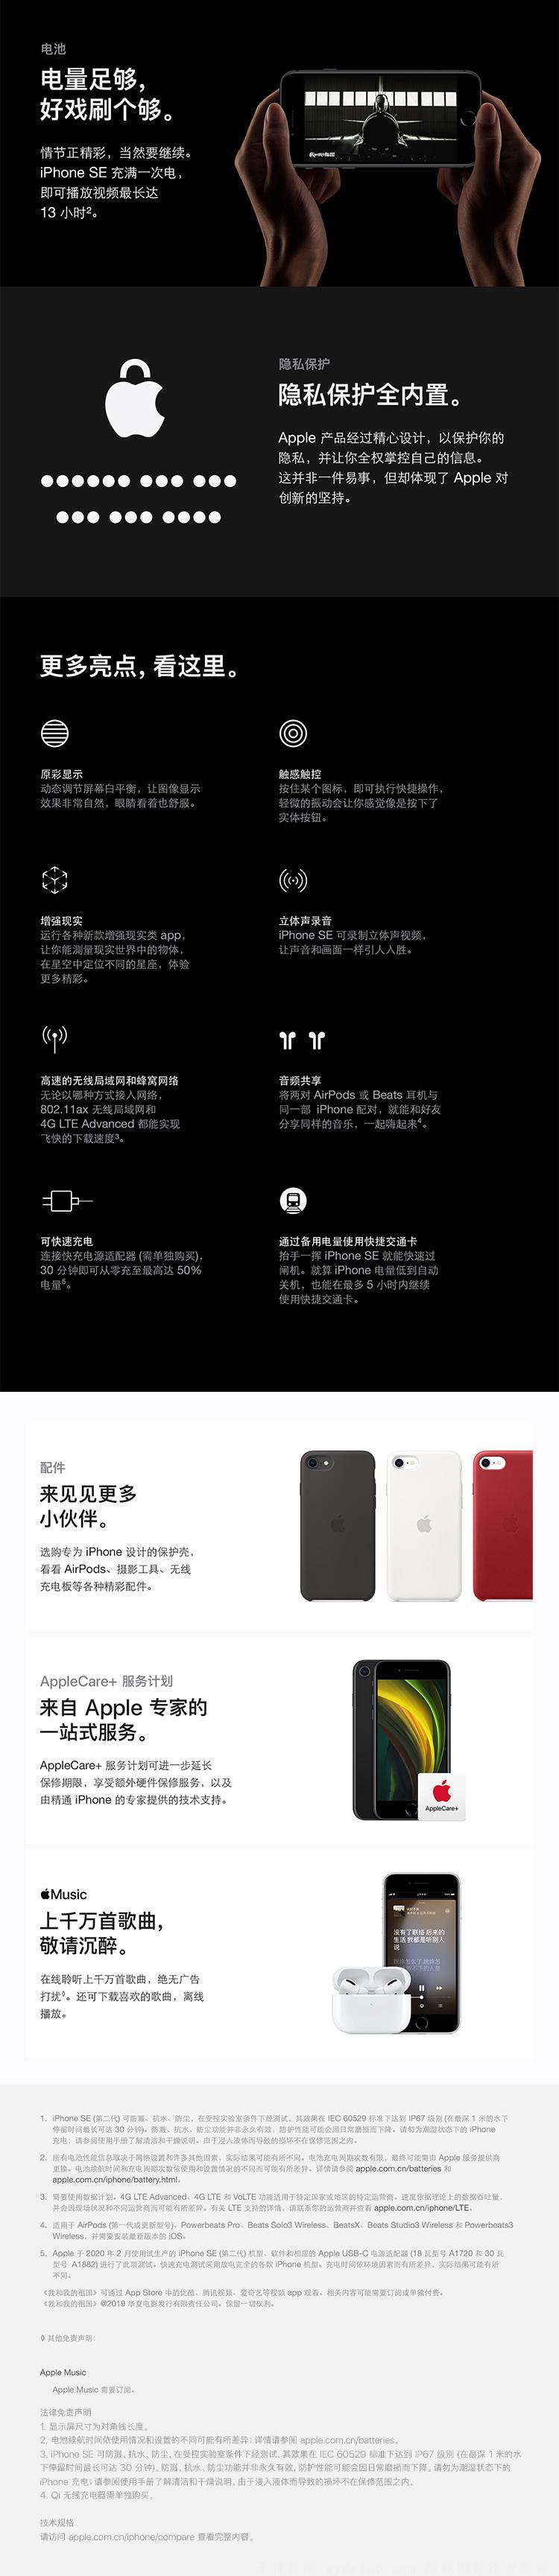 Apple iPhone SE (A2298) 64GB 黑色 移动联通电信4G手机  京东特惠 第2张